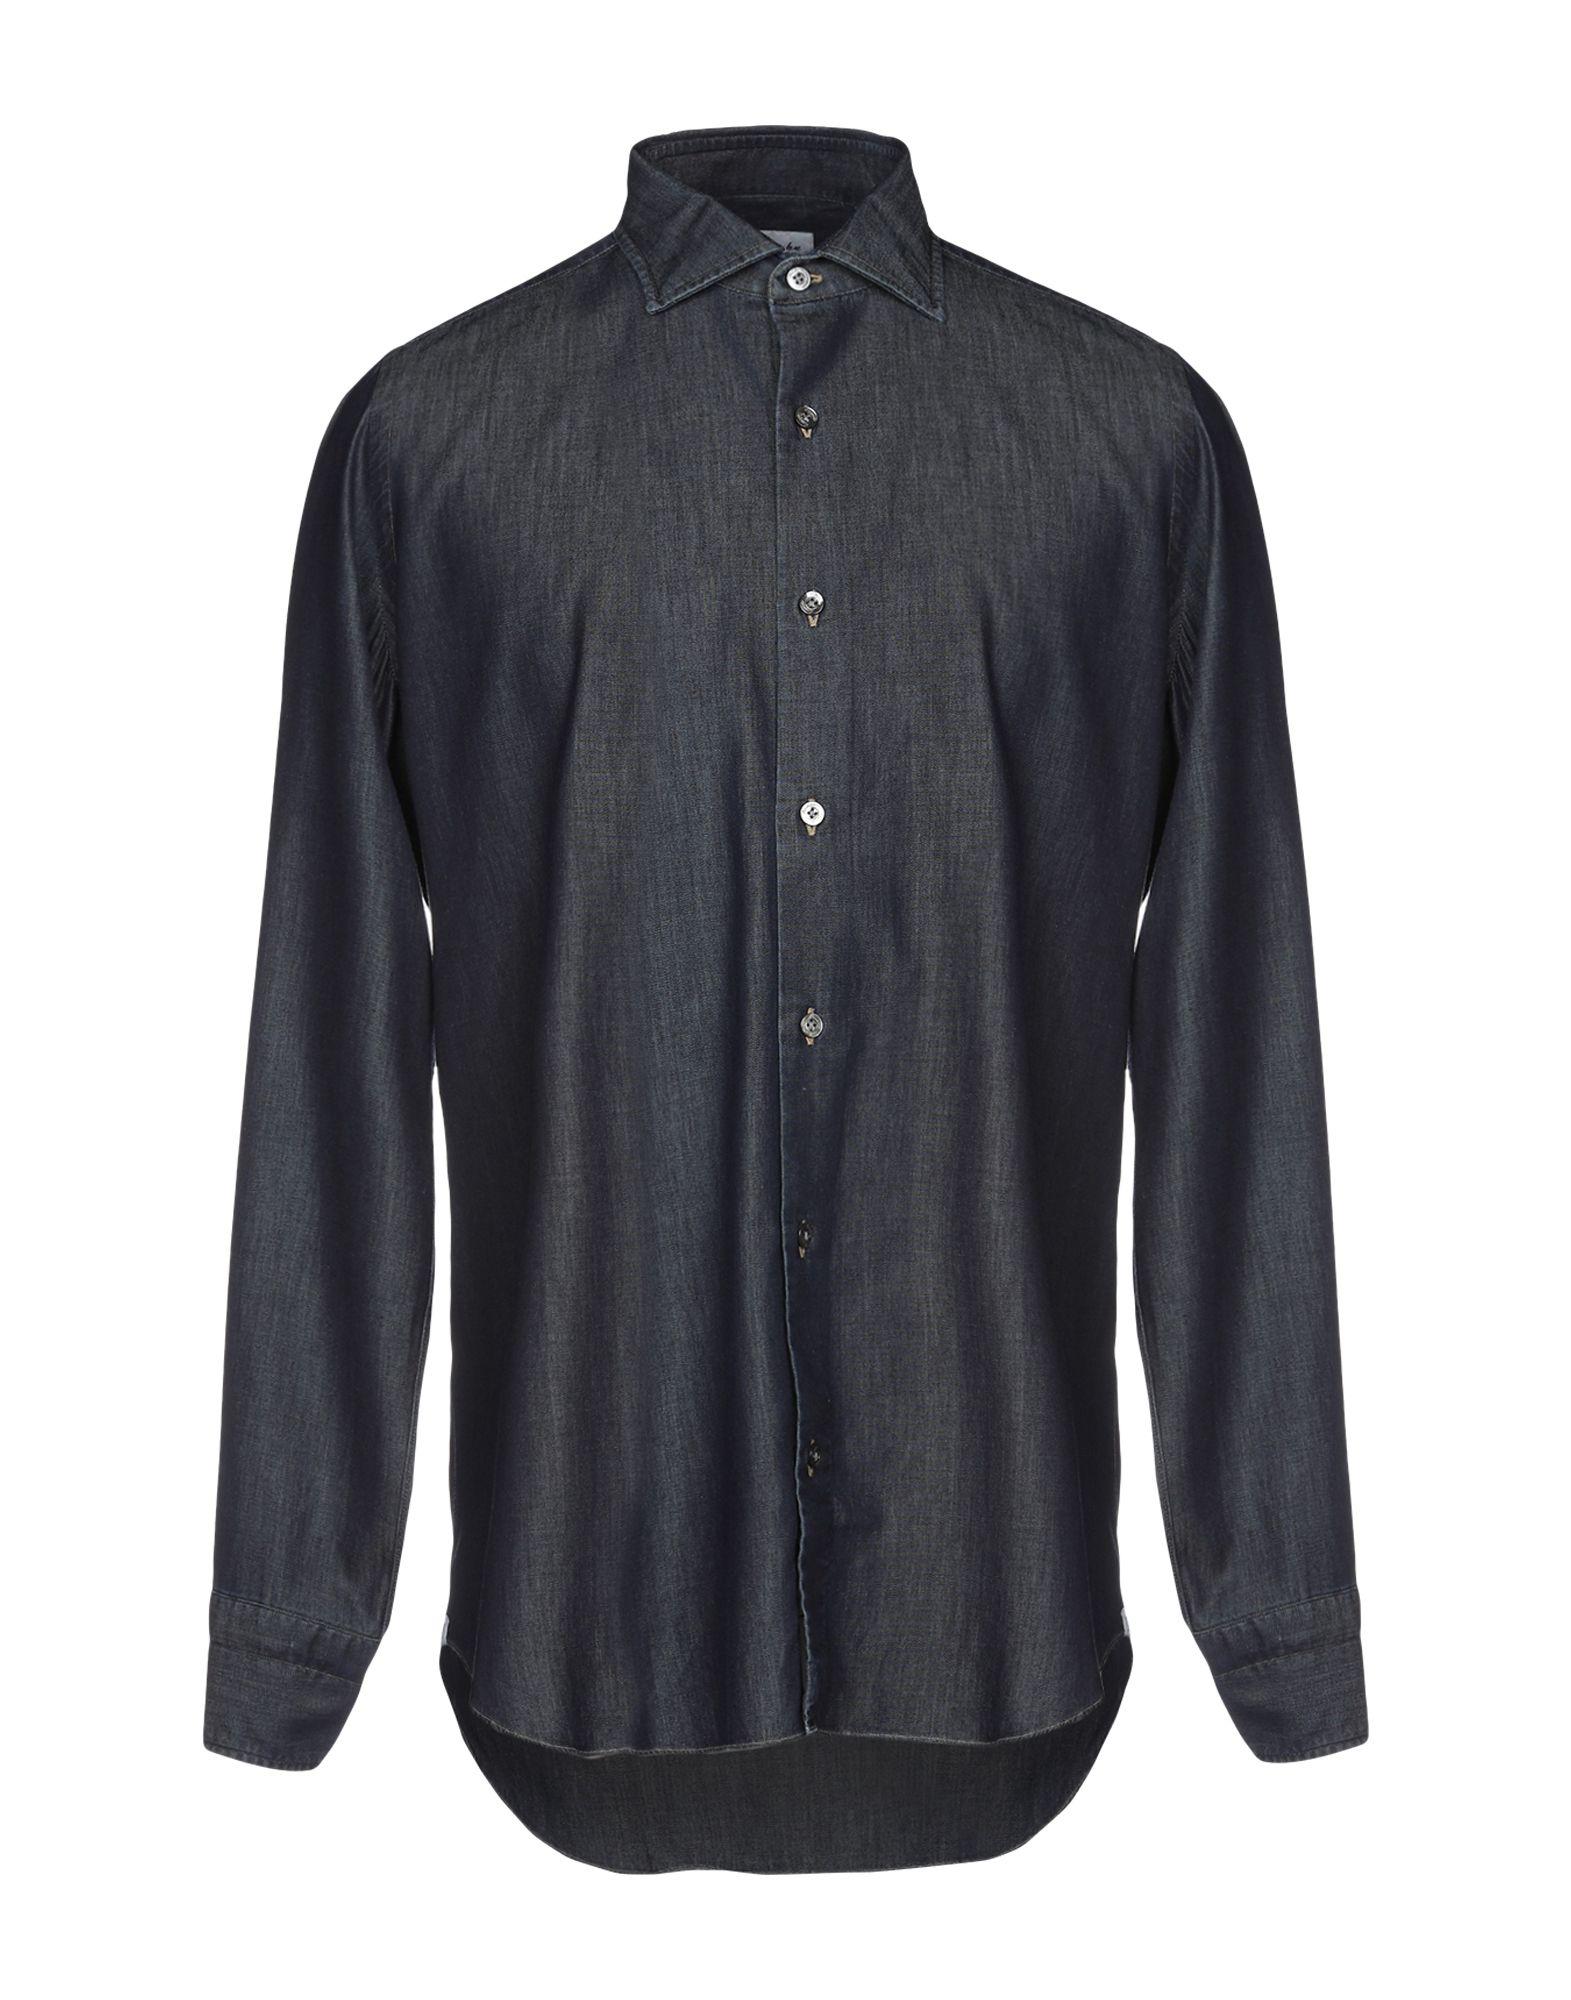 《送料無料》DRUMOHR メンズ デニムシャツ ブルー 41 コットン 100%